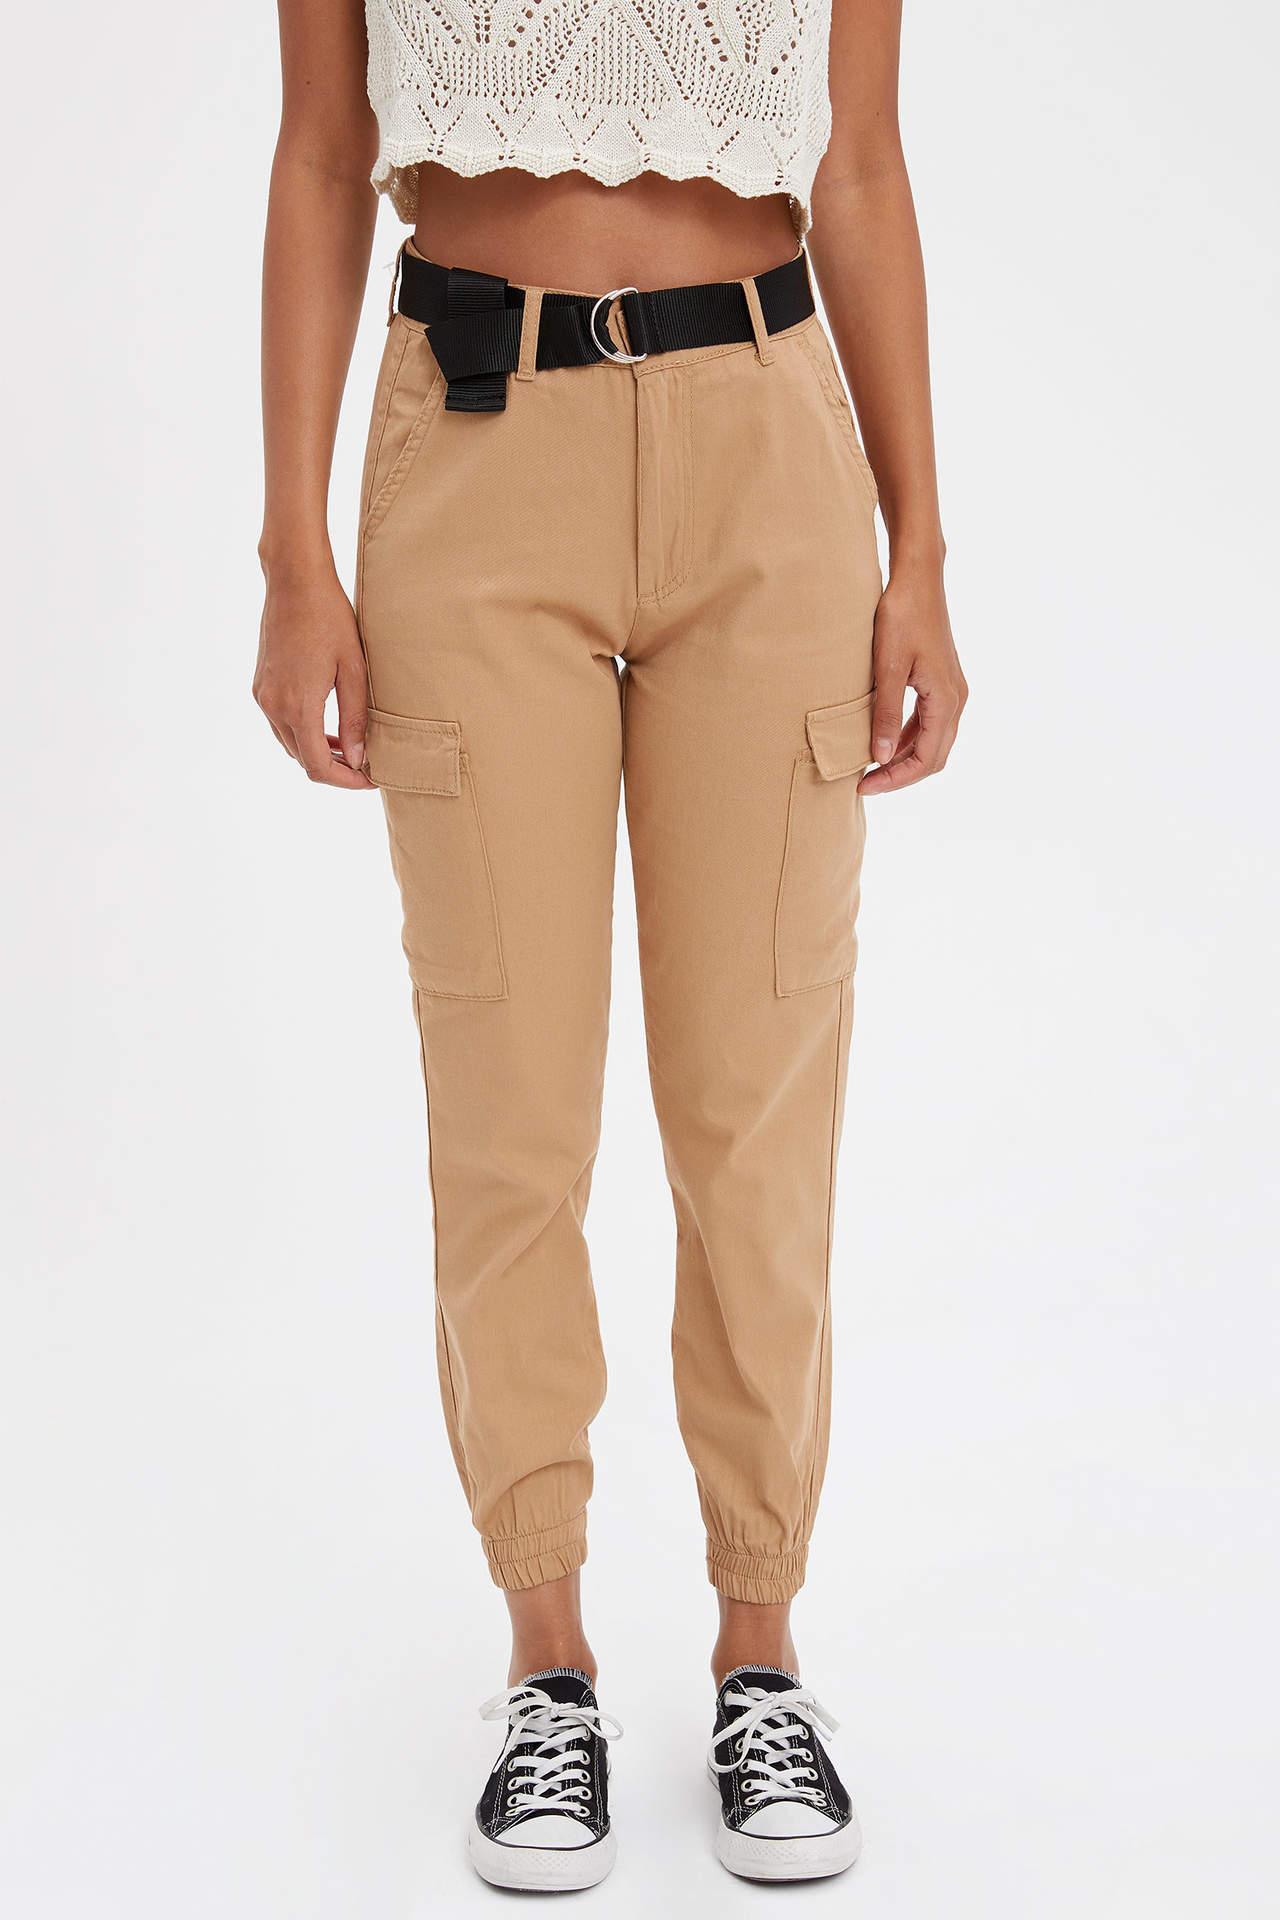 Defacto Kadın Jogger Pantolon